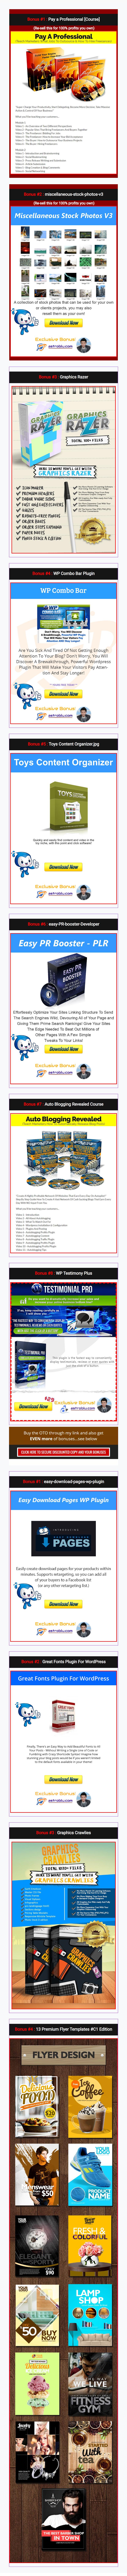 MegaStore WordPress Theme Bonuses